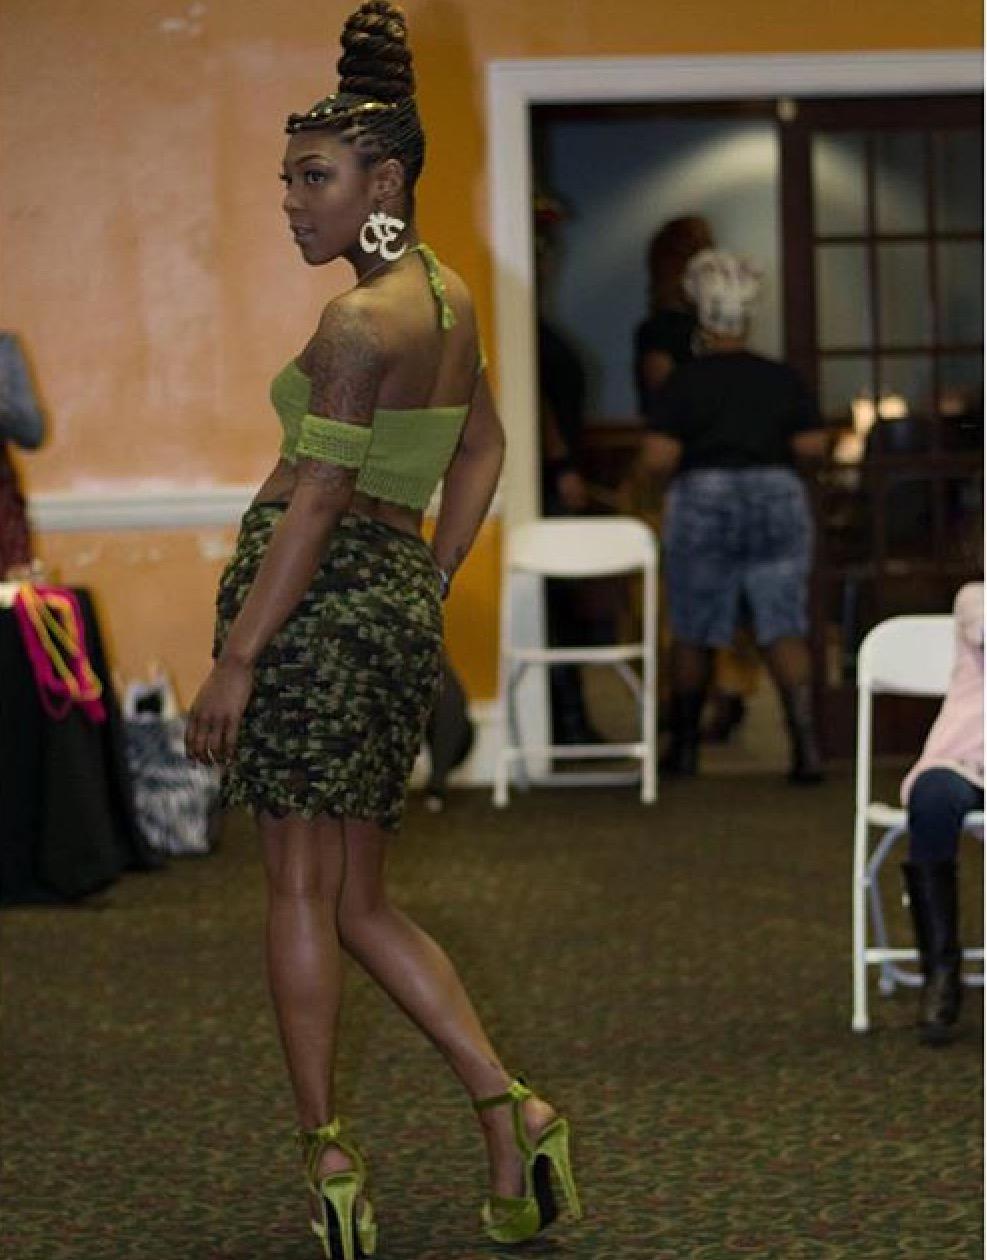 Crocheted Halter - & Camouflage Mini Skirt